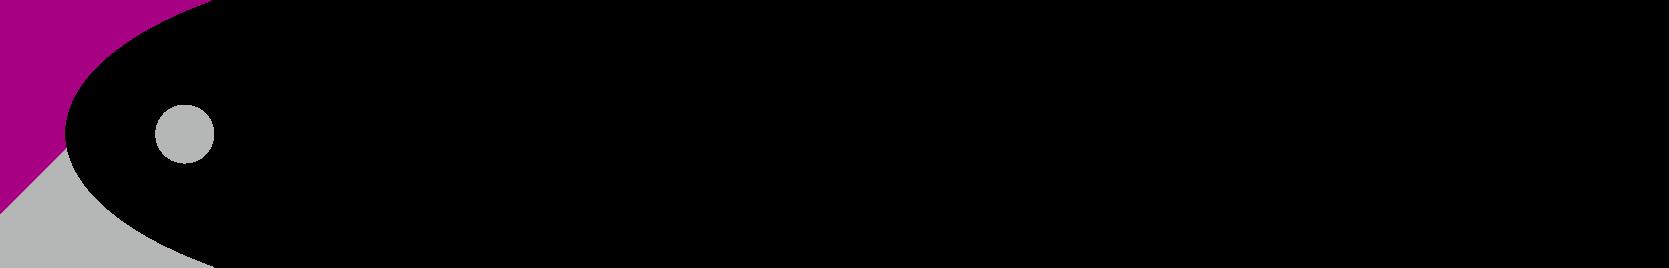 金子総合法律事務所